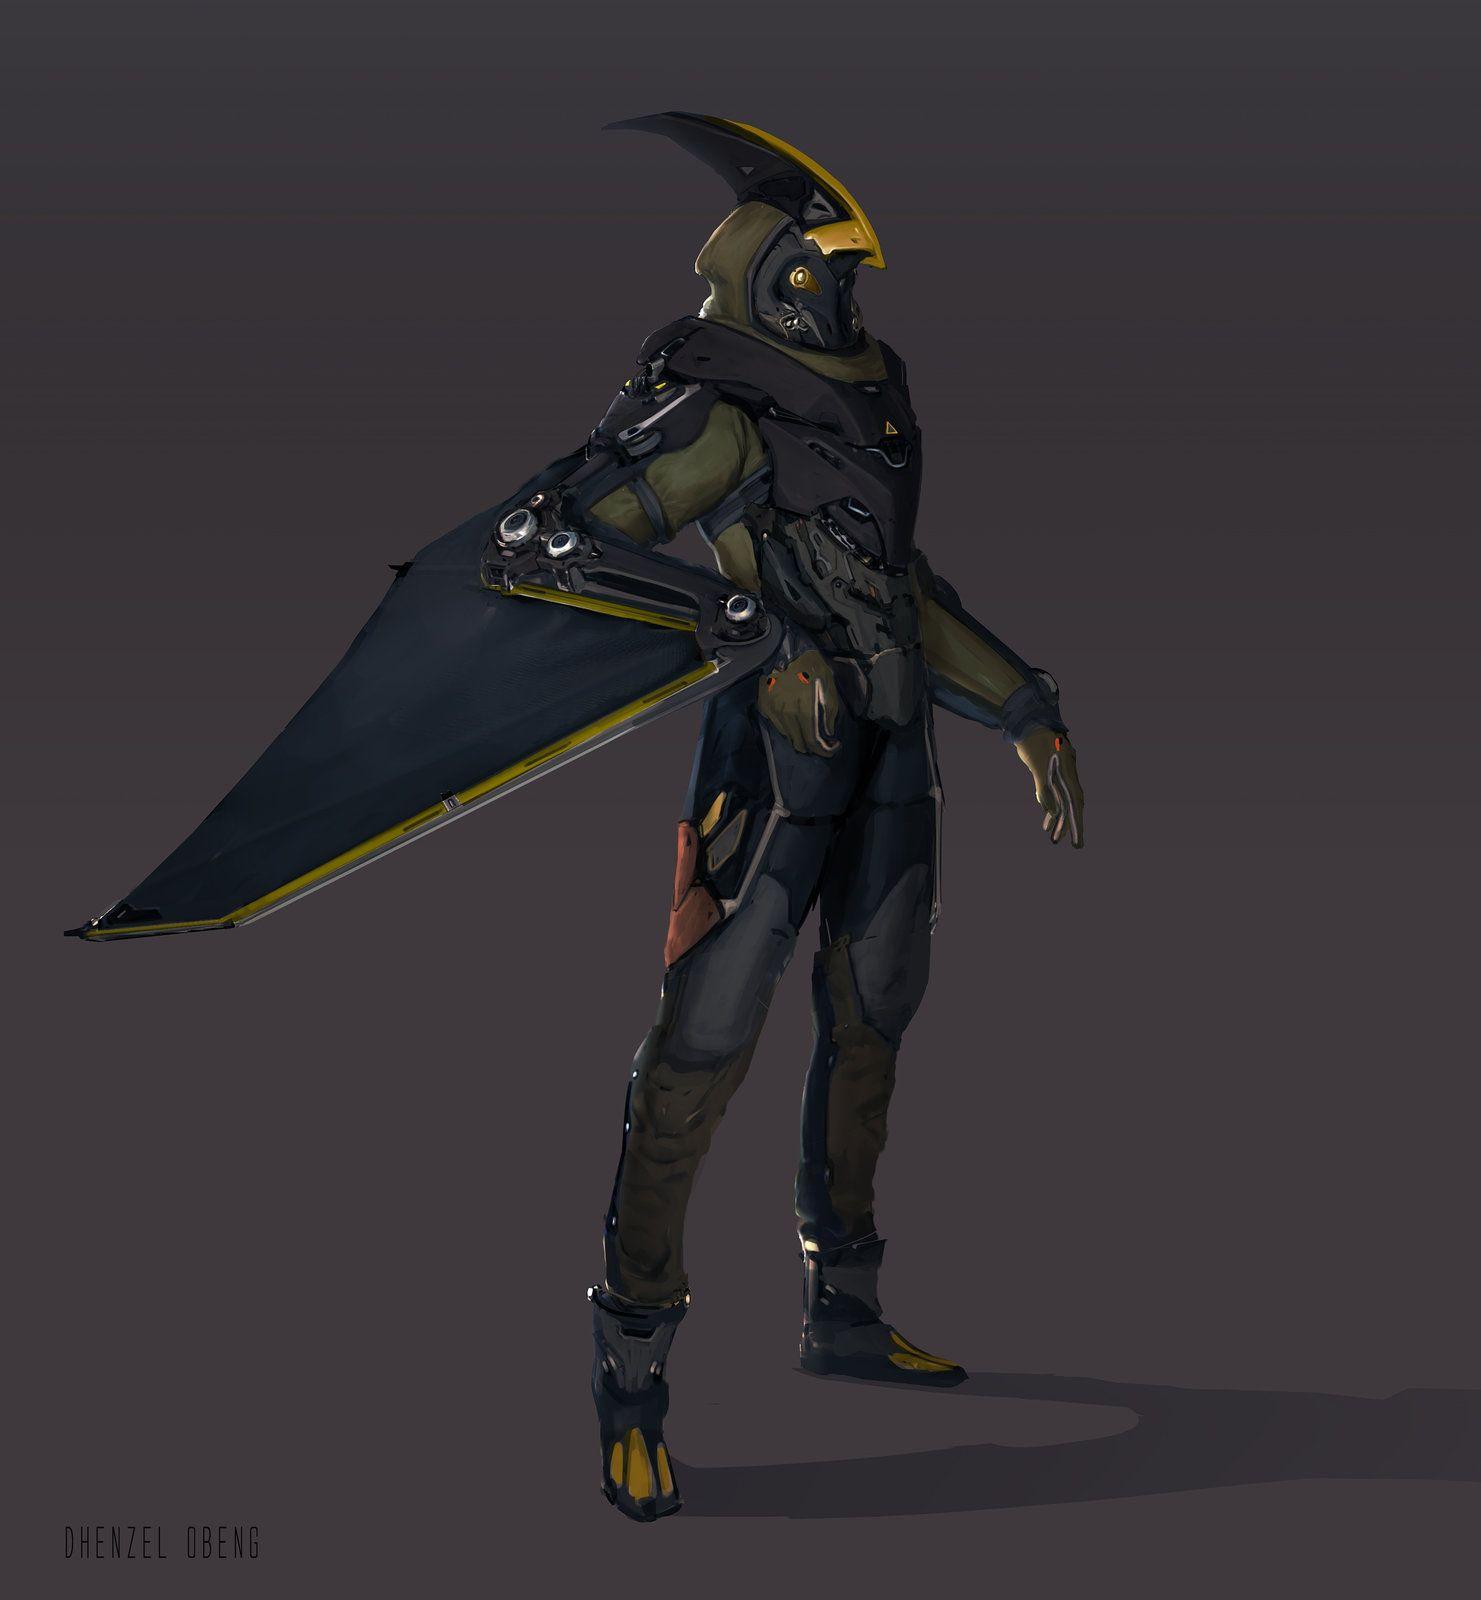 Robotpencil Character Design Class - Bat-bird-dude, Dhenzel Obeng ...